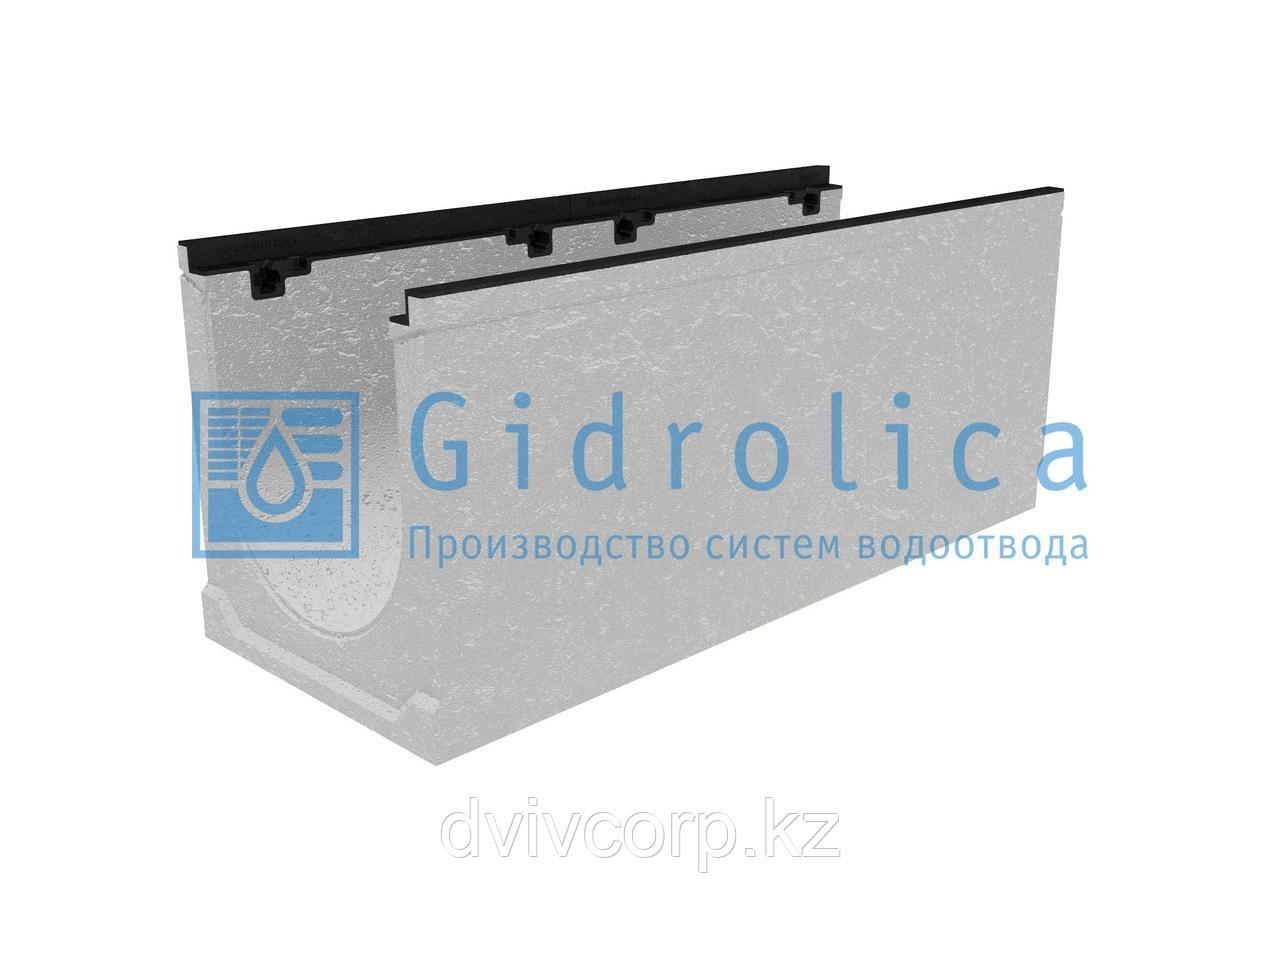 Лоток водоотводный бетонный коробчатый (СО300 мм), с чугунной насадкой, с уклоном 0,5% КUу 100.39,9